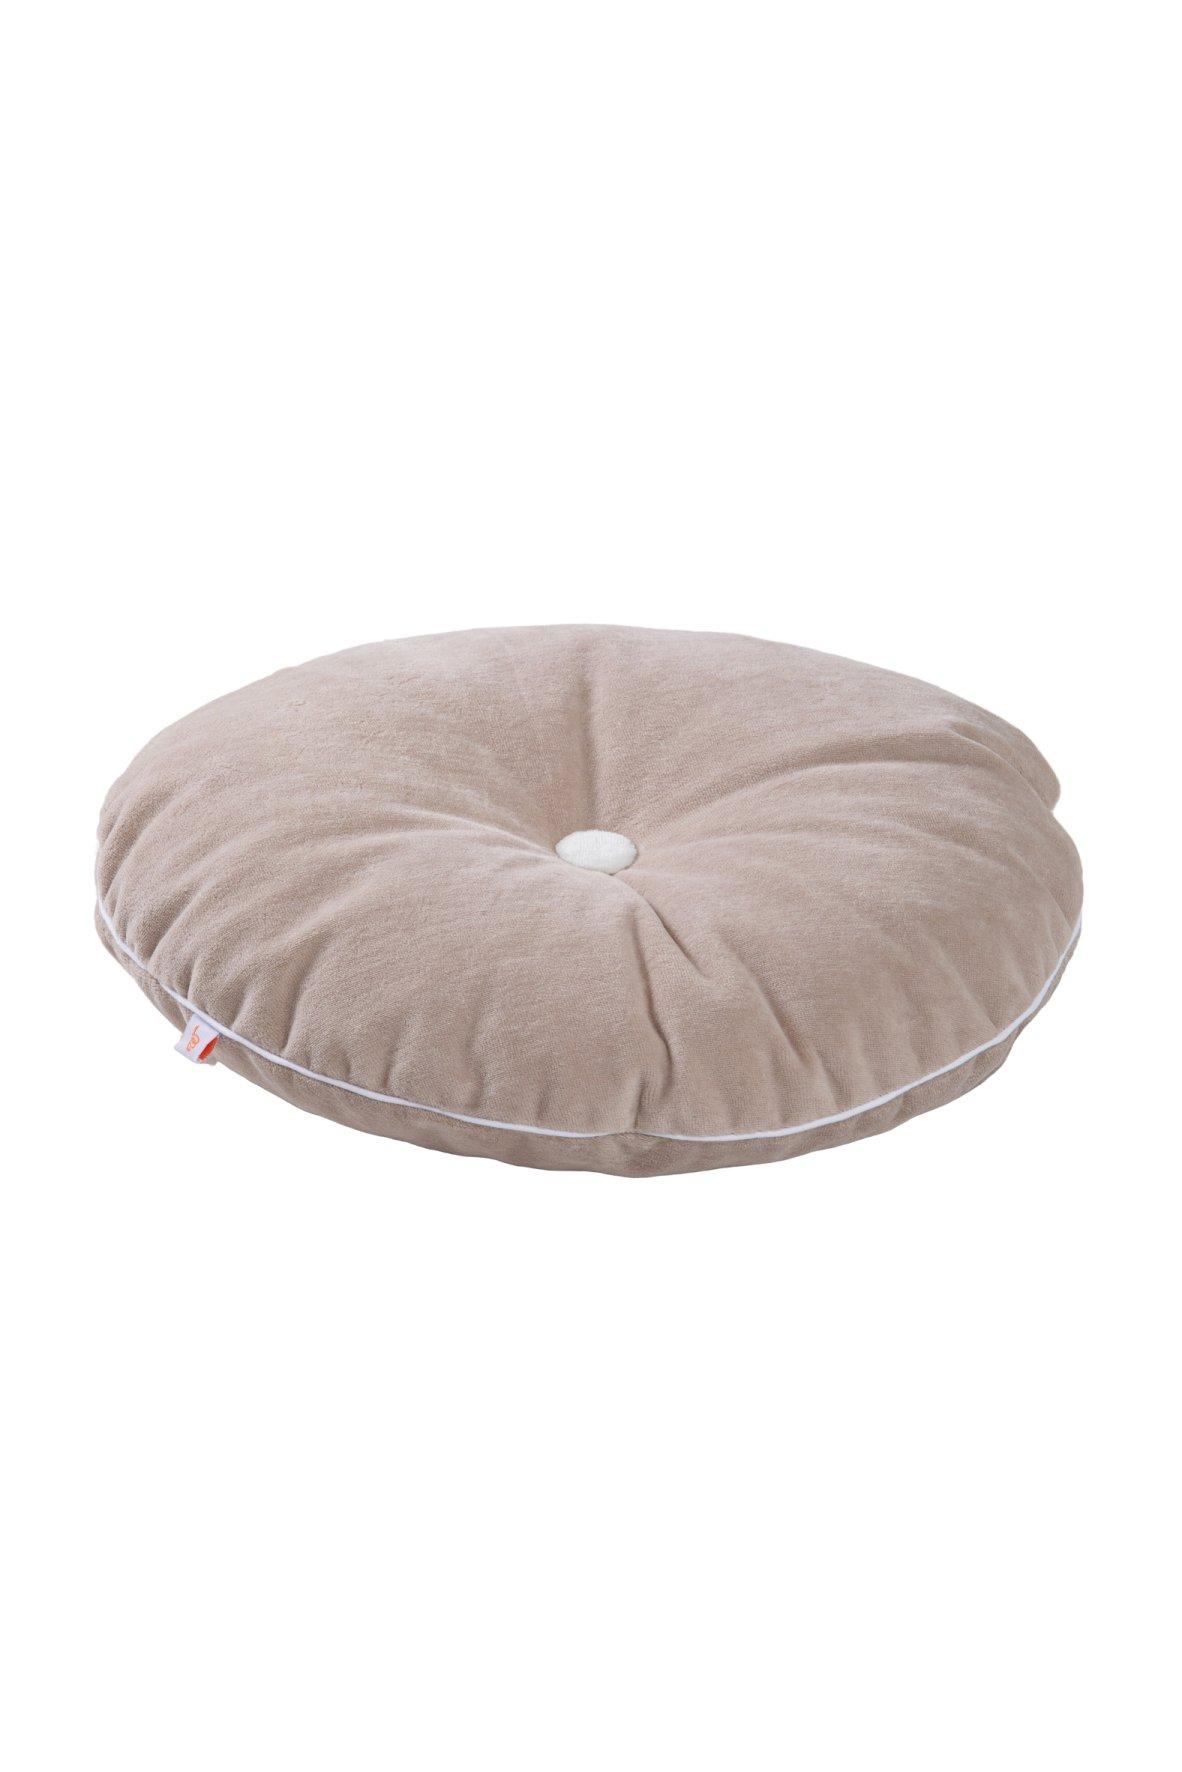 rundes Samt Kissen mit Knopf puderbeige weiß ø35 cm